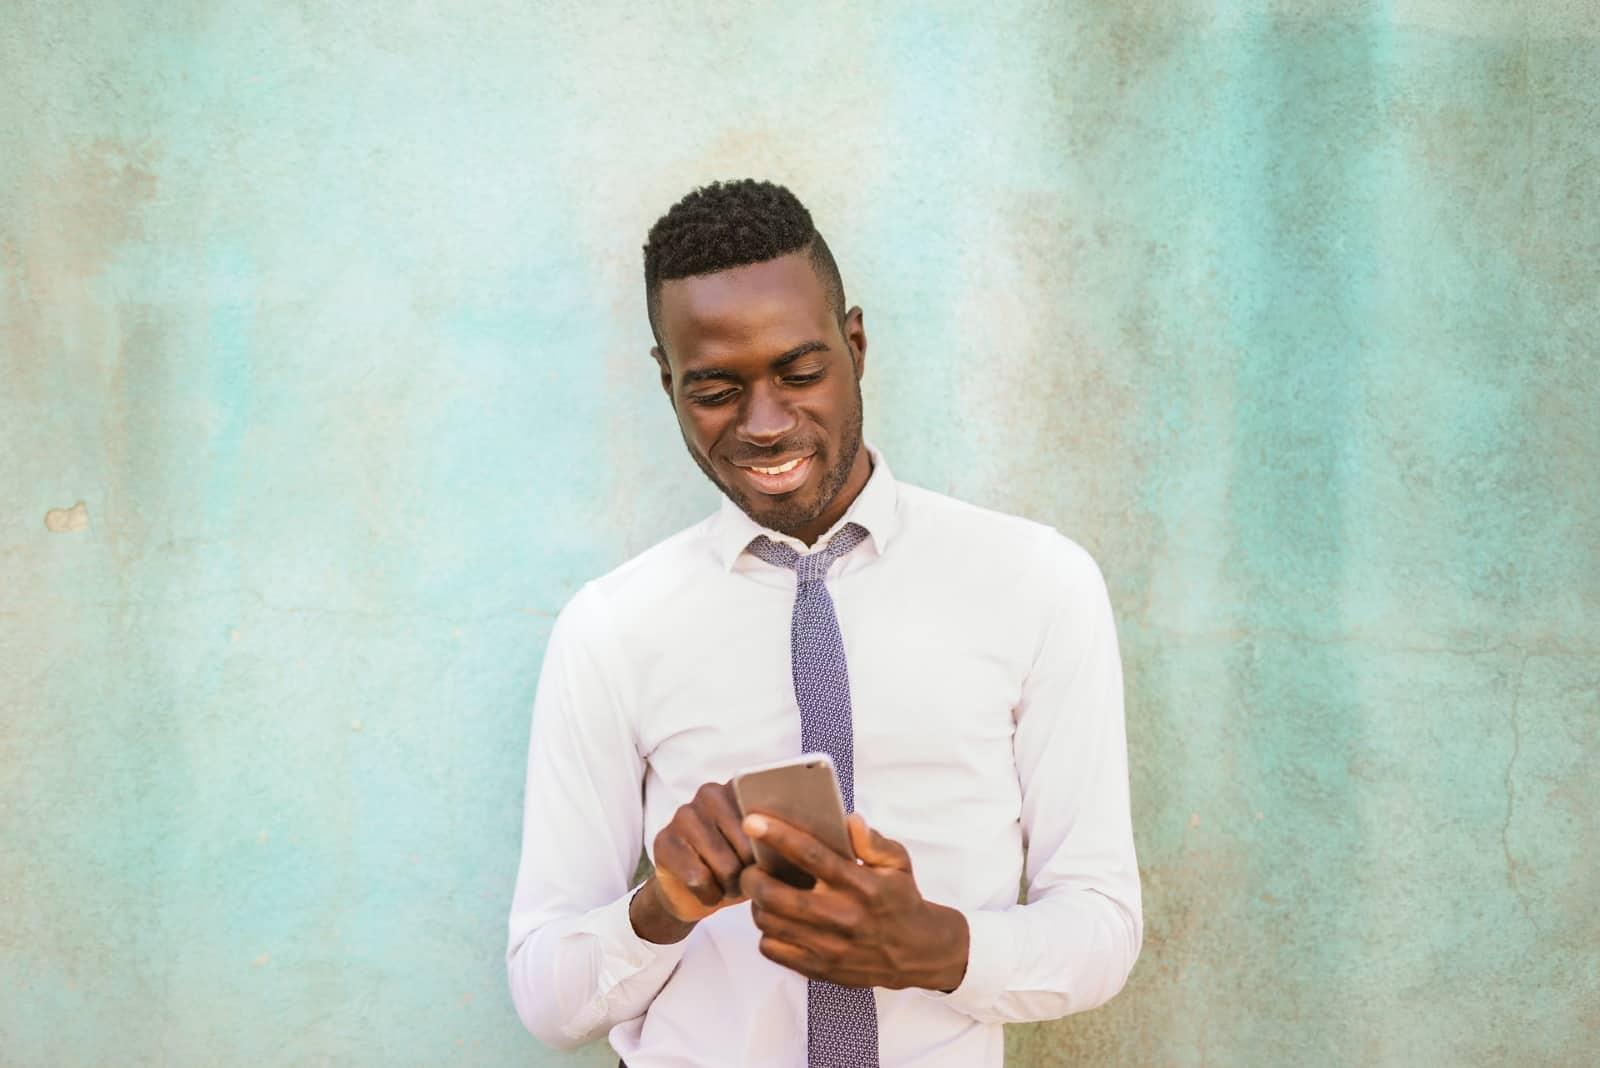 Homme debout près d'un mur, utilisant un smartphone